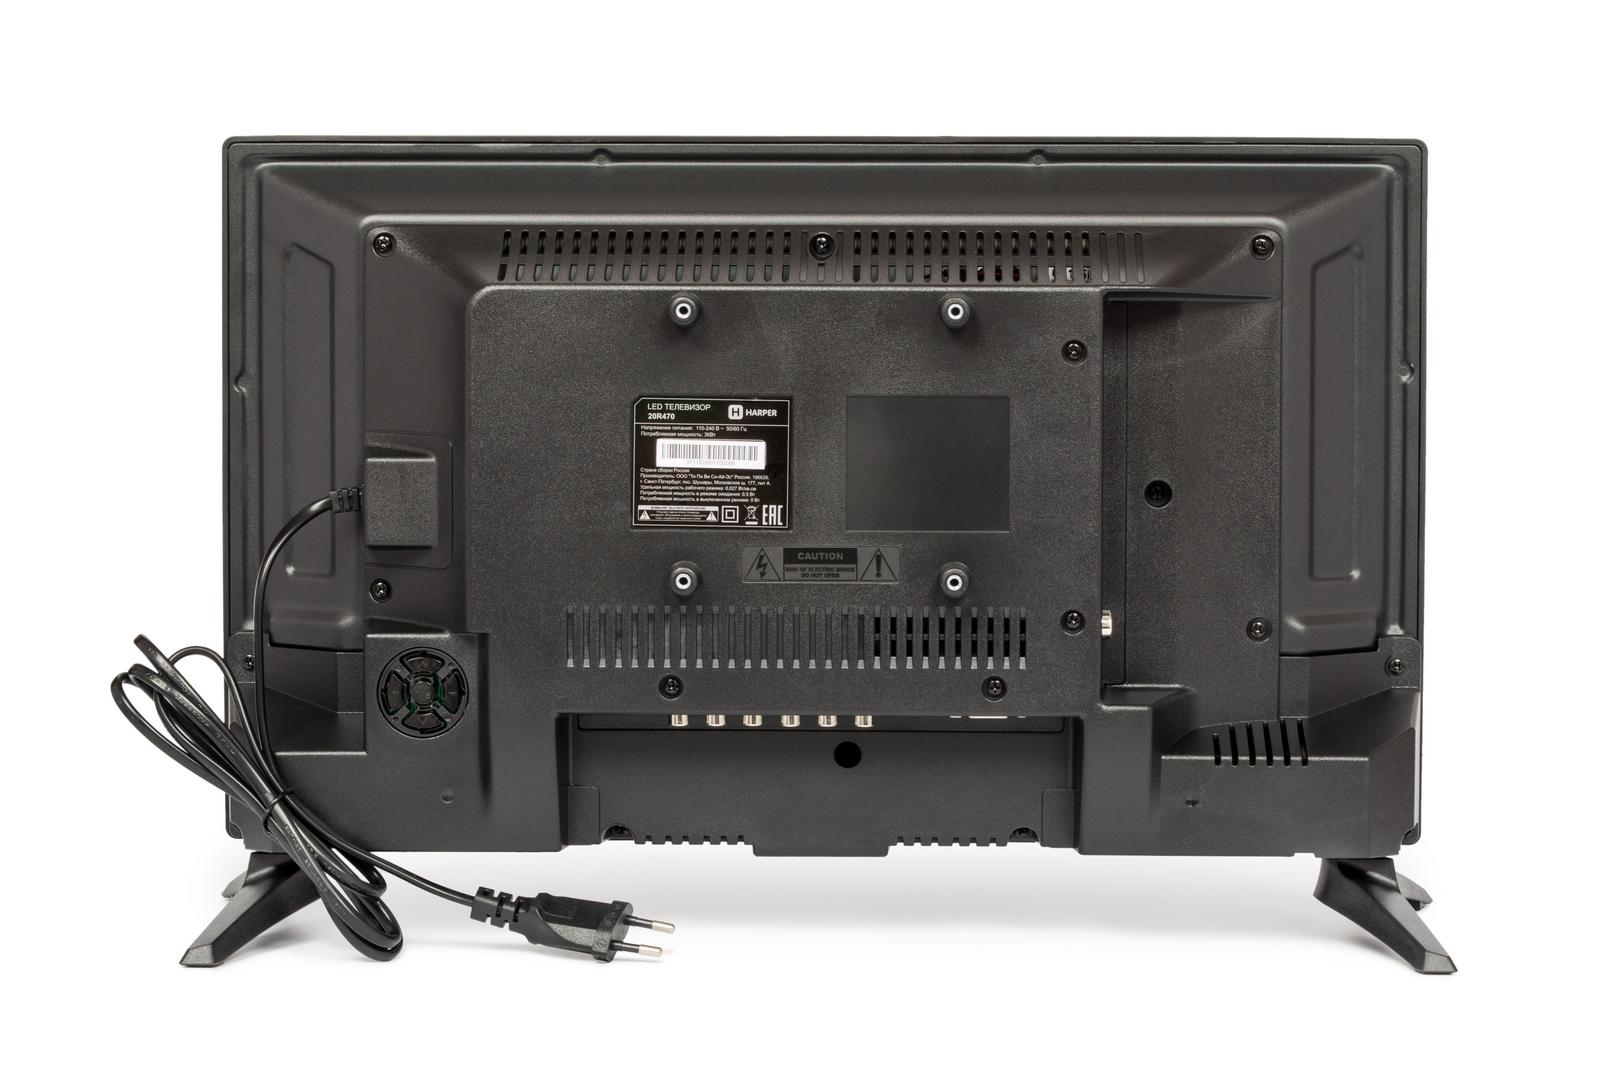 Жк-телевизор samsung ue19f4000